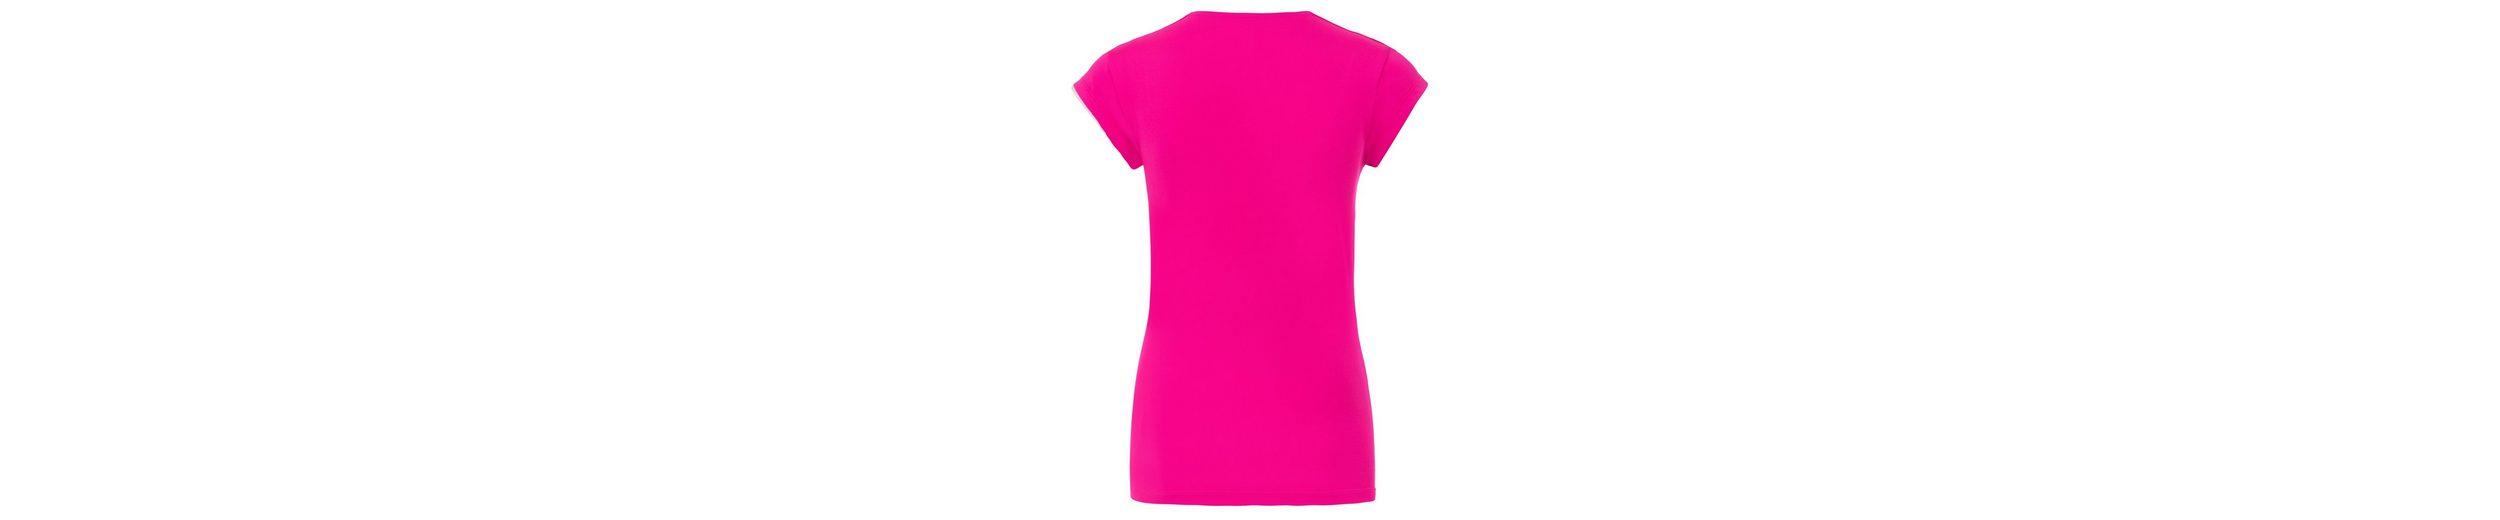 Online-Shopping-Freies Verschiffen BIDI BADU T-Shirt in tailliertem Schnitt Bella Qualität Original Billig Gutes Verkauf Geniue Händler Verkauf Online LuOLVw1